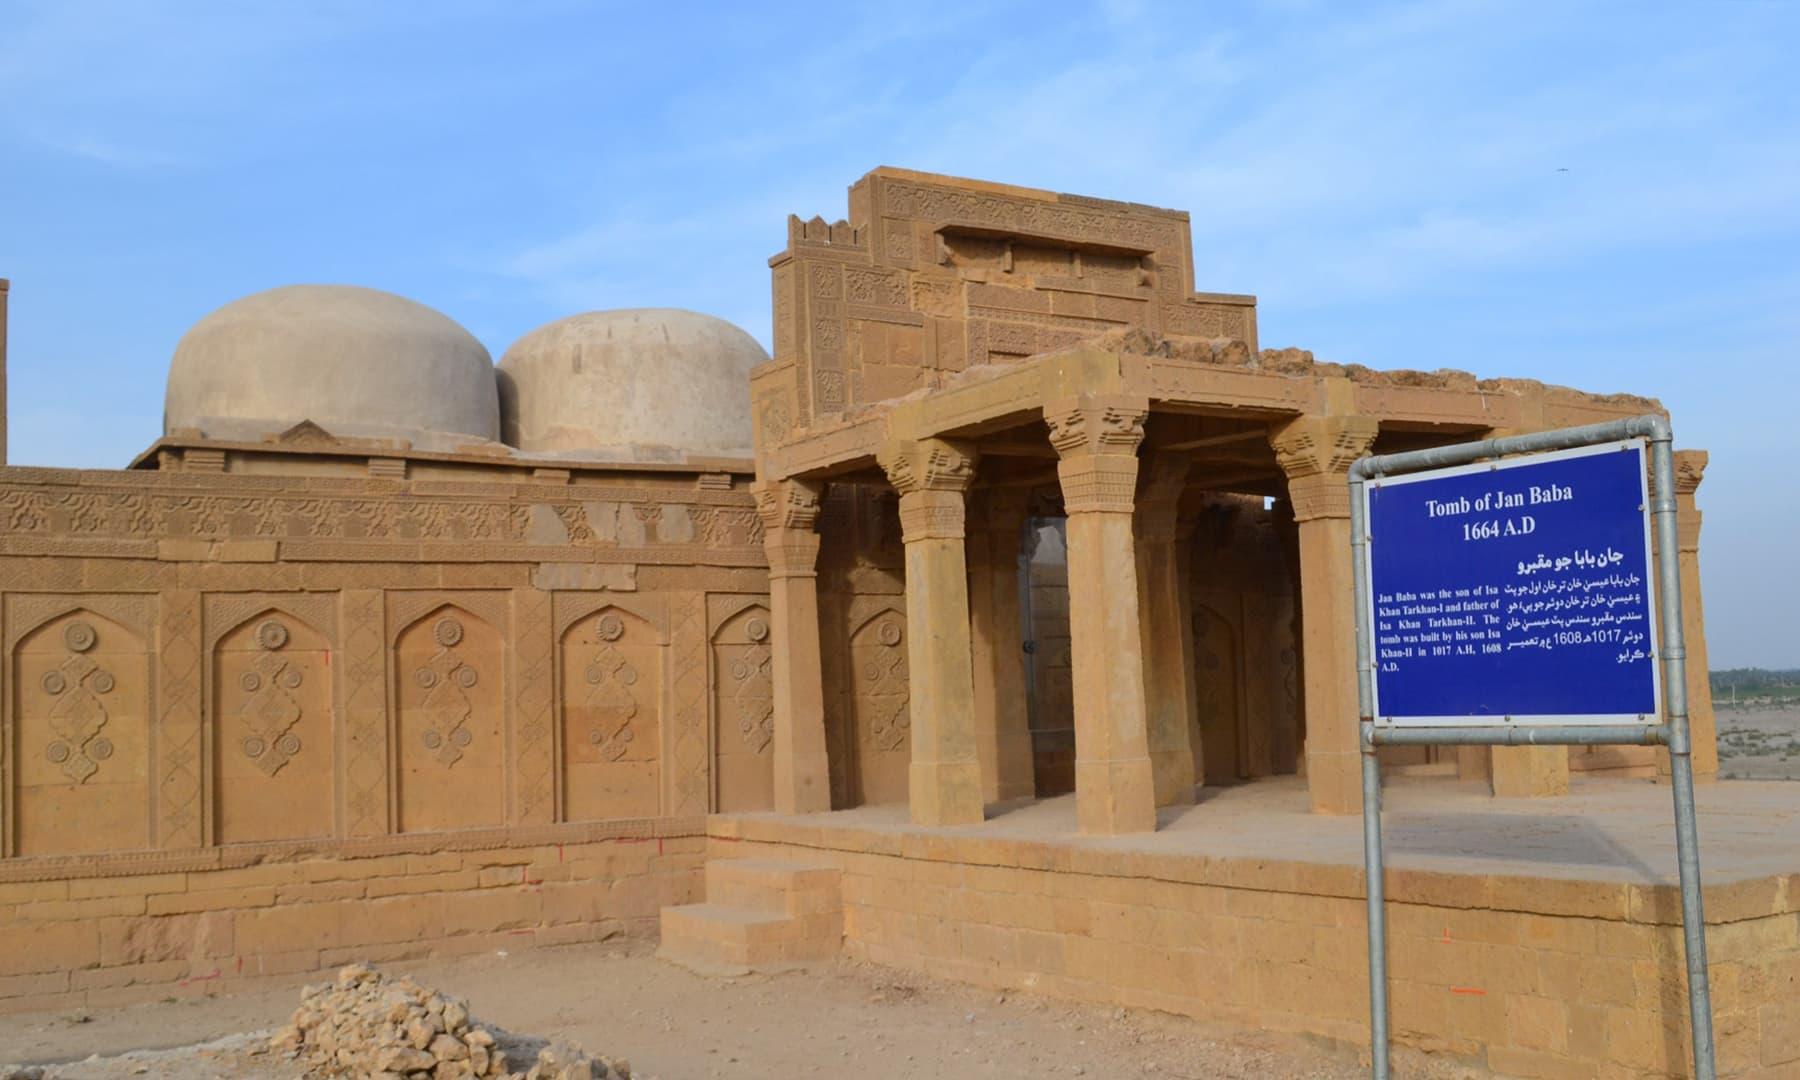 مرزا جان بابا کا مقبرہ—تصویر ابوبکر شیخ